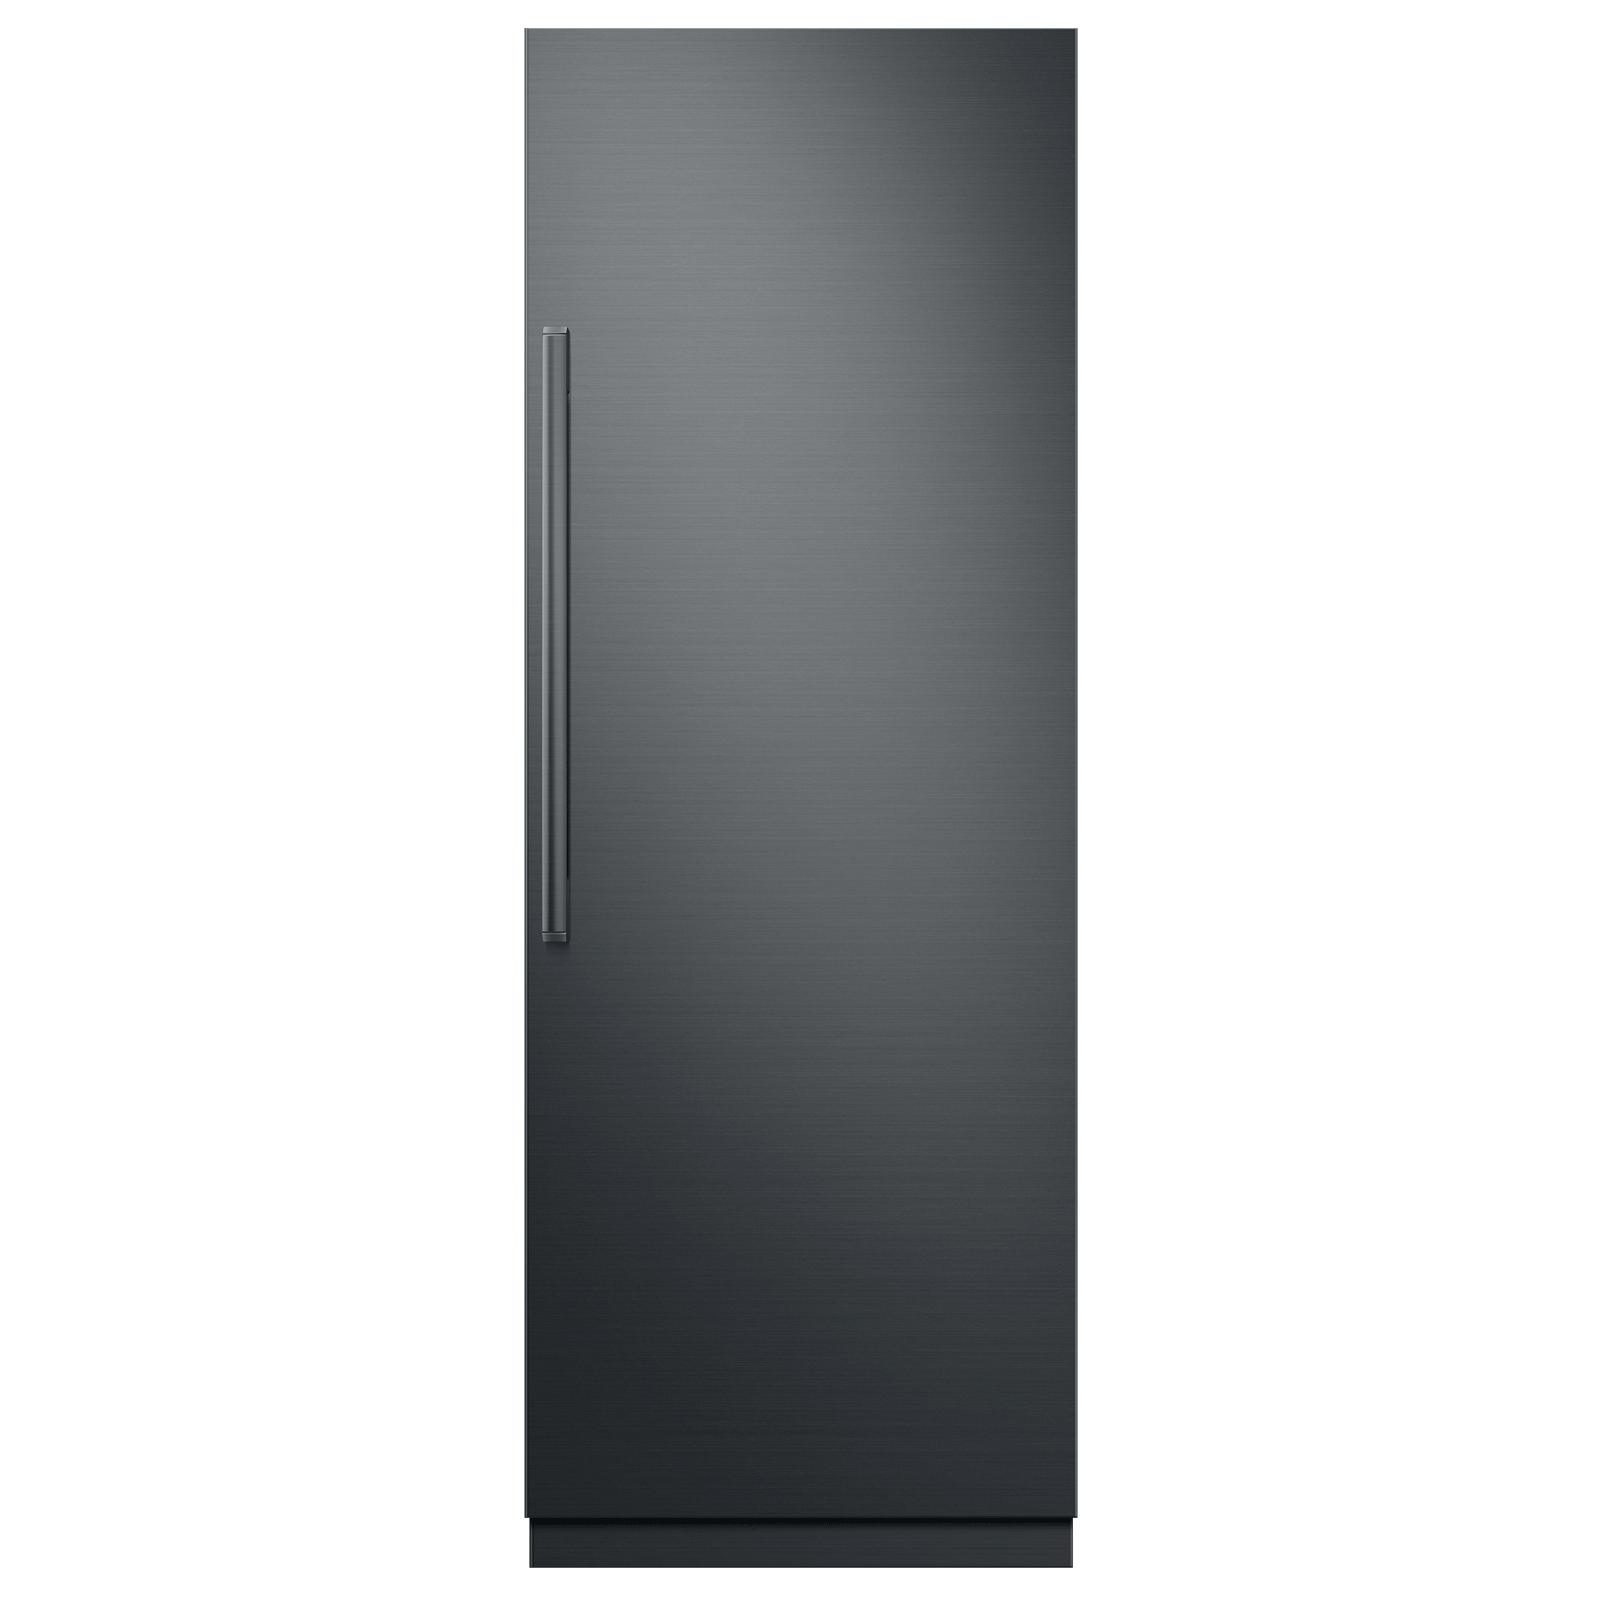 Model: DRZ30980LAP | 30